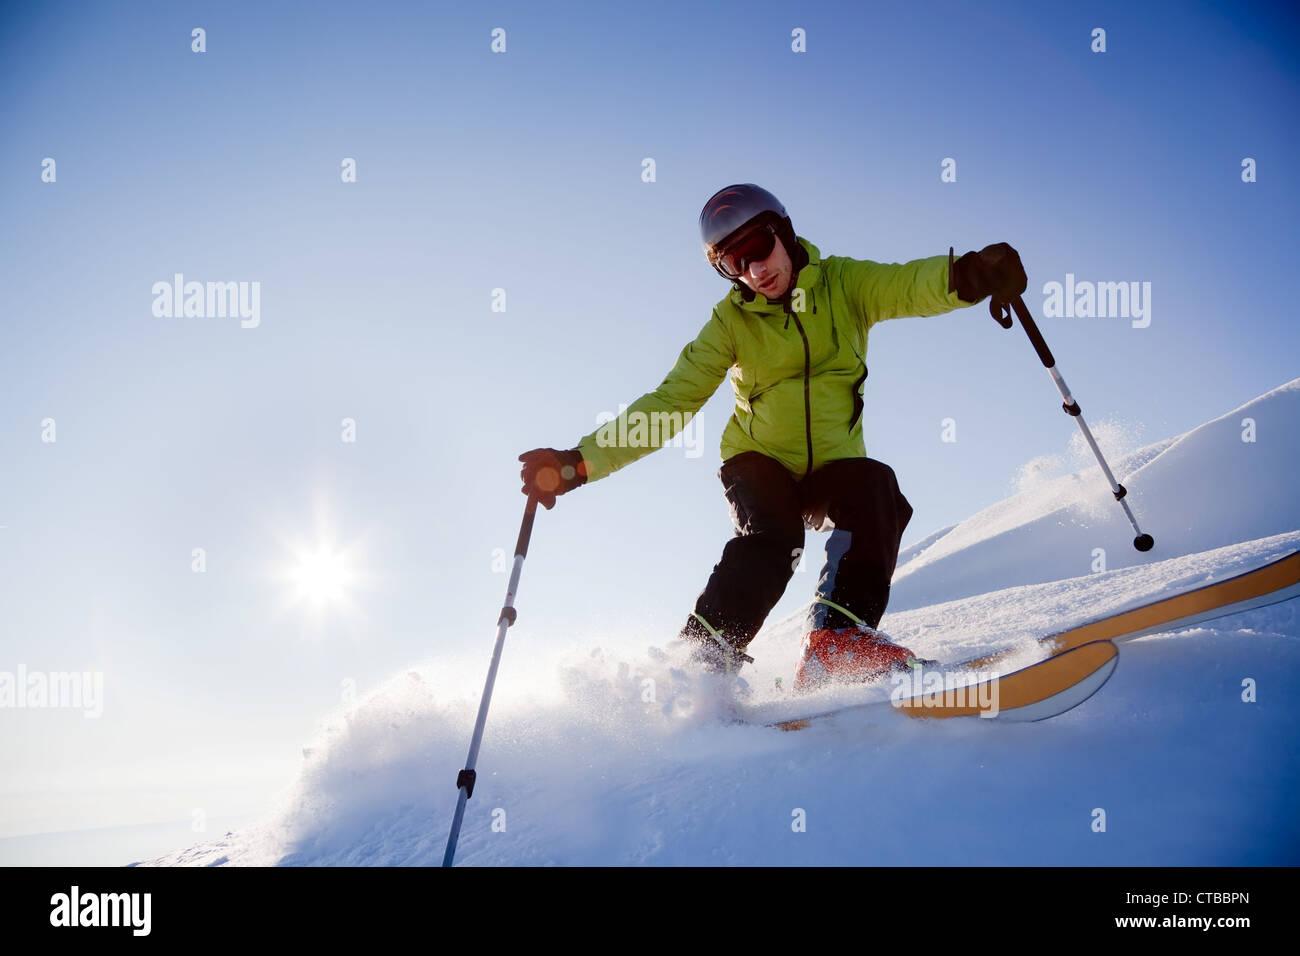 Giovane maschio con rifiniture sciatore si sta spostando verso il basso nella polvere di neve al tramonto; Alpi Immagini Stock